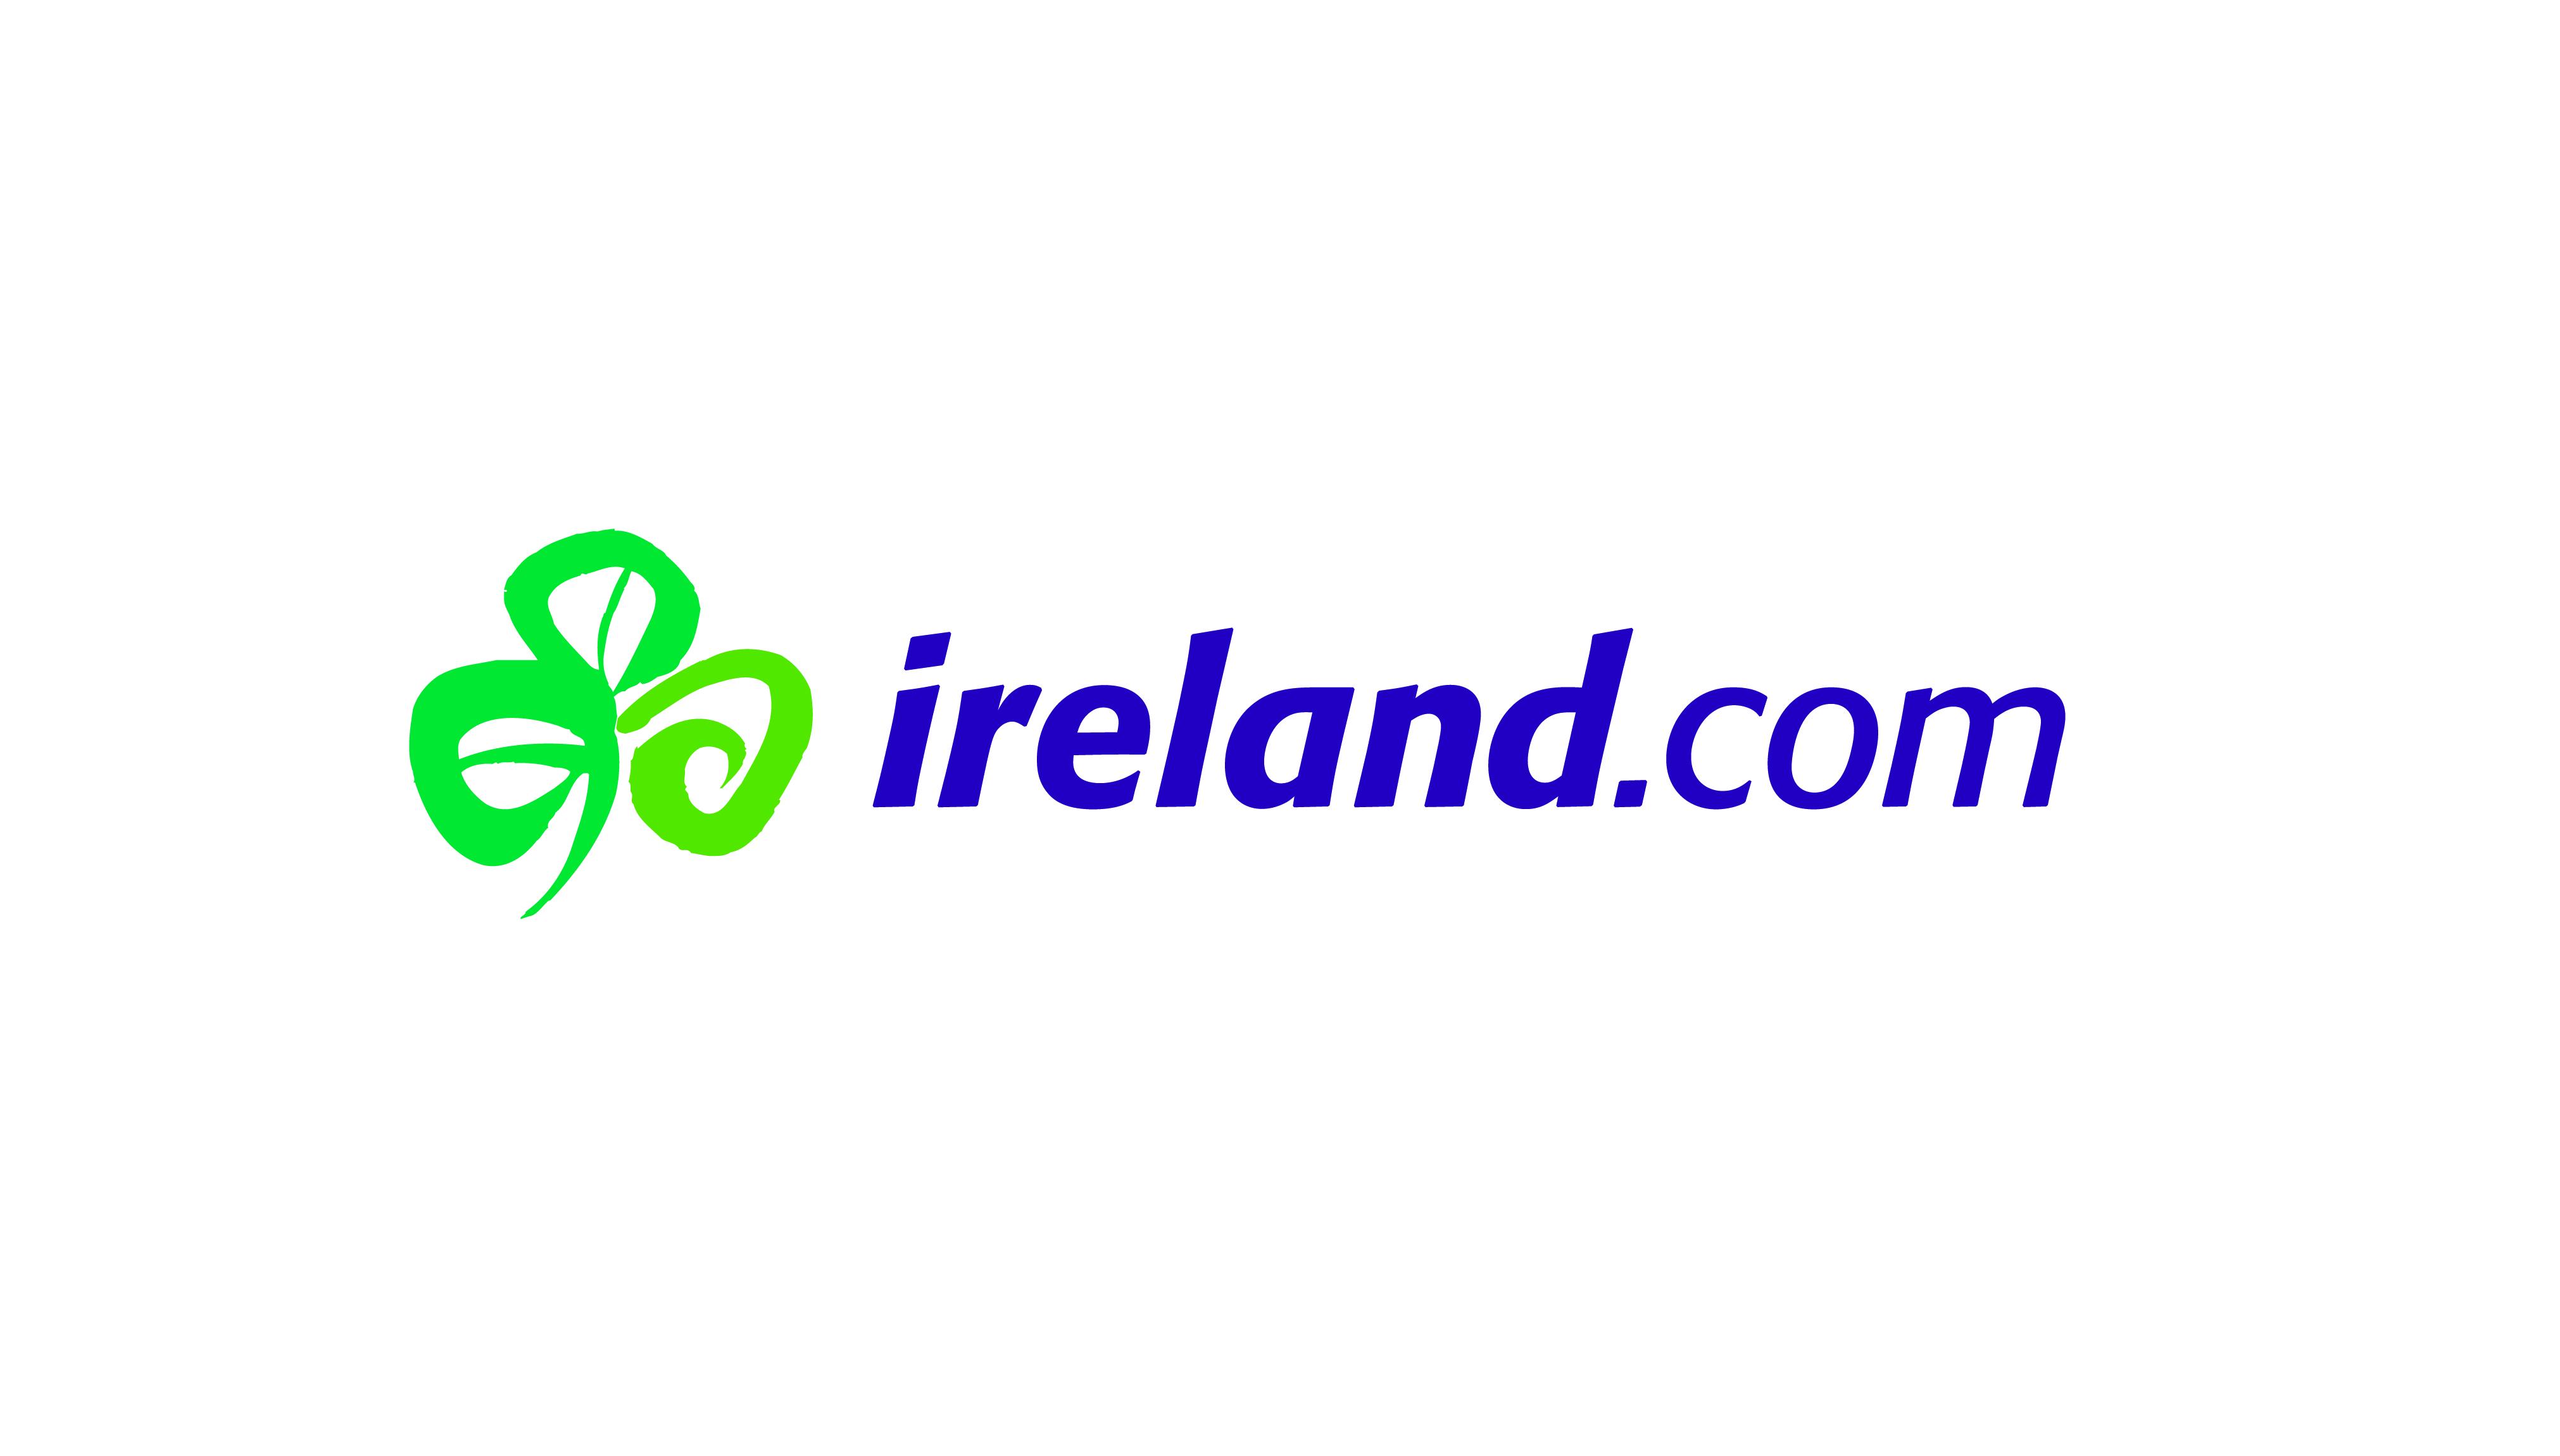 ireland.com logo